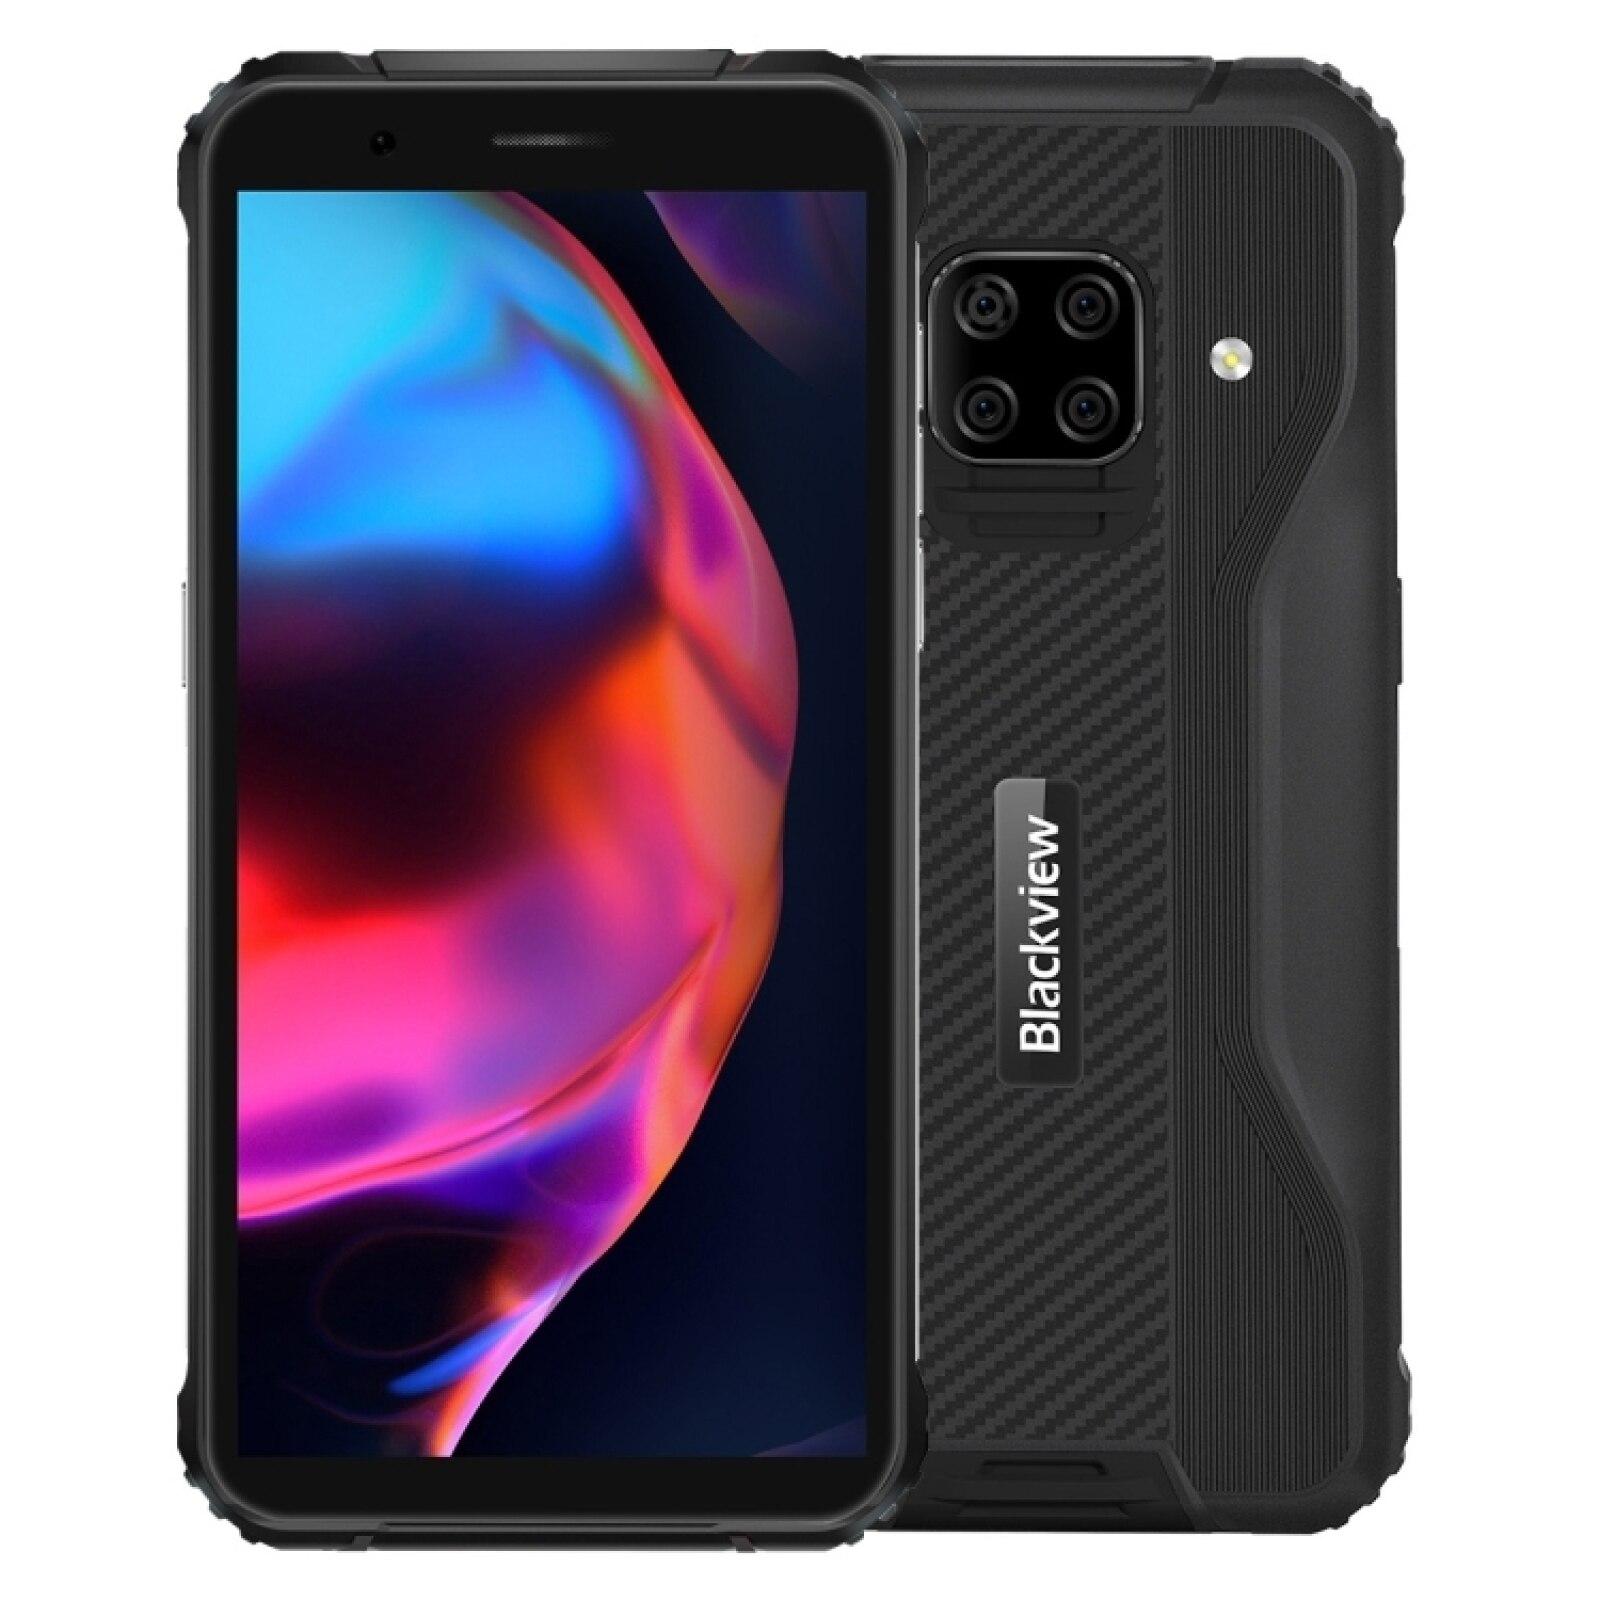 Перейти на Алиэкспресс и купить Blackview BV5100 прочный смартфон 4 + 64 ГБ 5,7 дюймЭкран 5580 мА/ч, Helio P22 Octa Core Android 10 NFC 4G мобильный телефон Беспроводной заряда